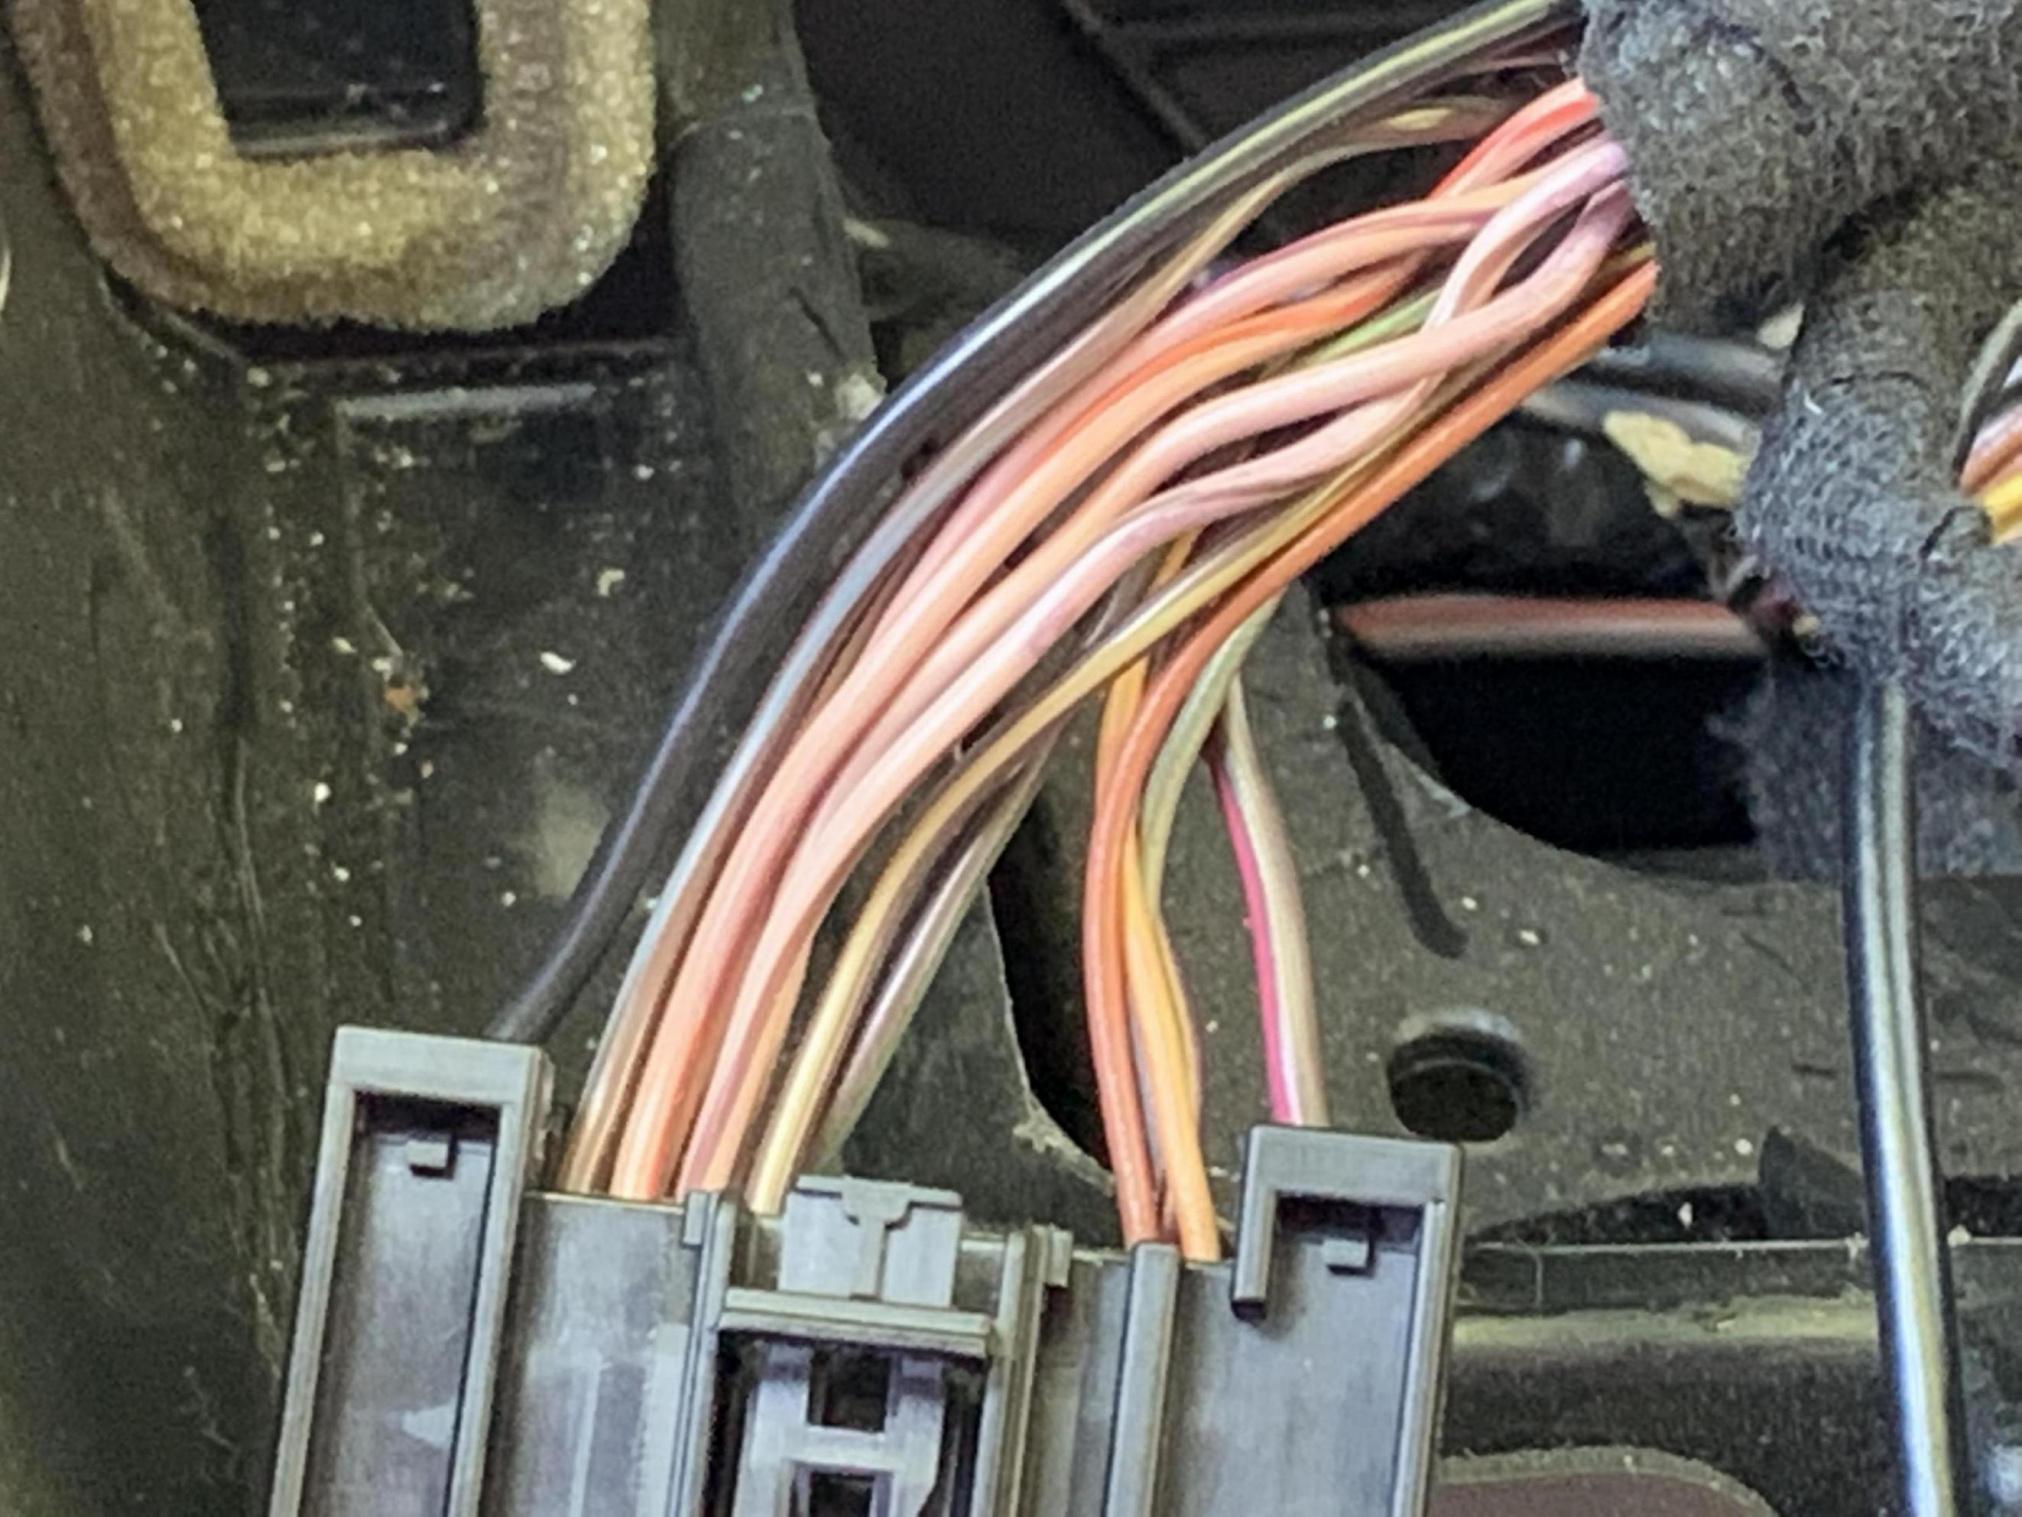 12 focus sel speaker wire-7220304c-eef1-43ee-824f-3bb22201f005_1562787740783.jpg